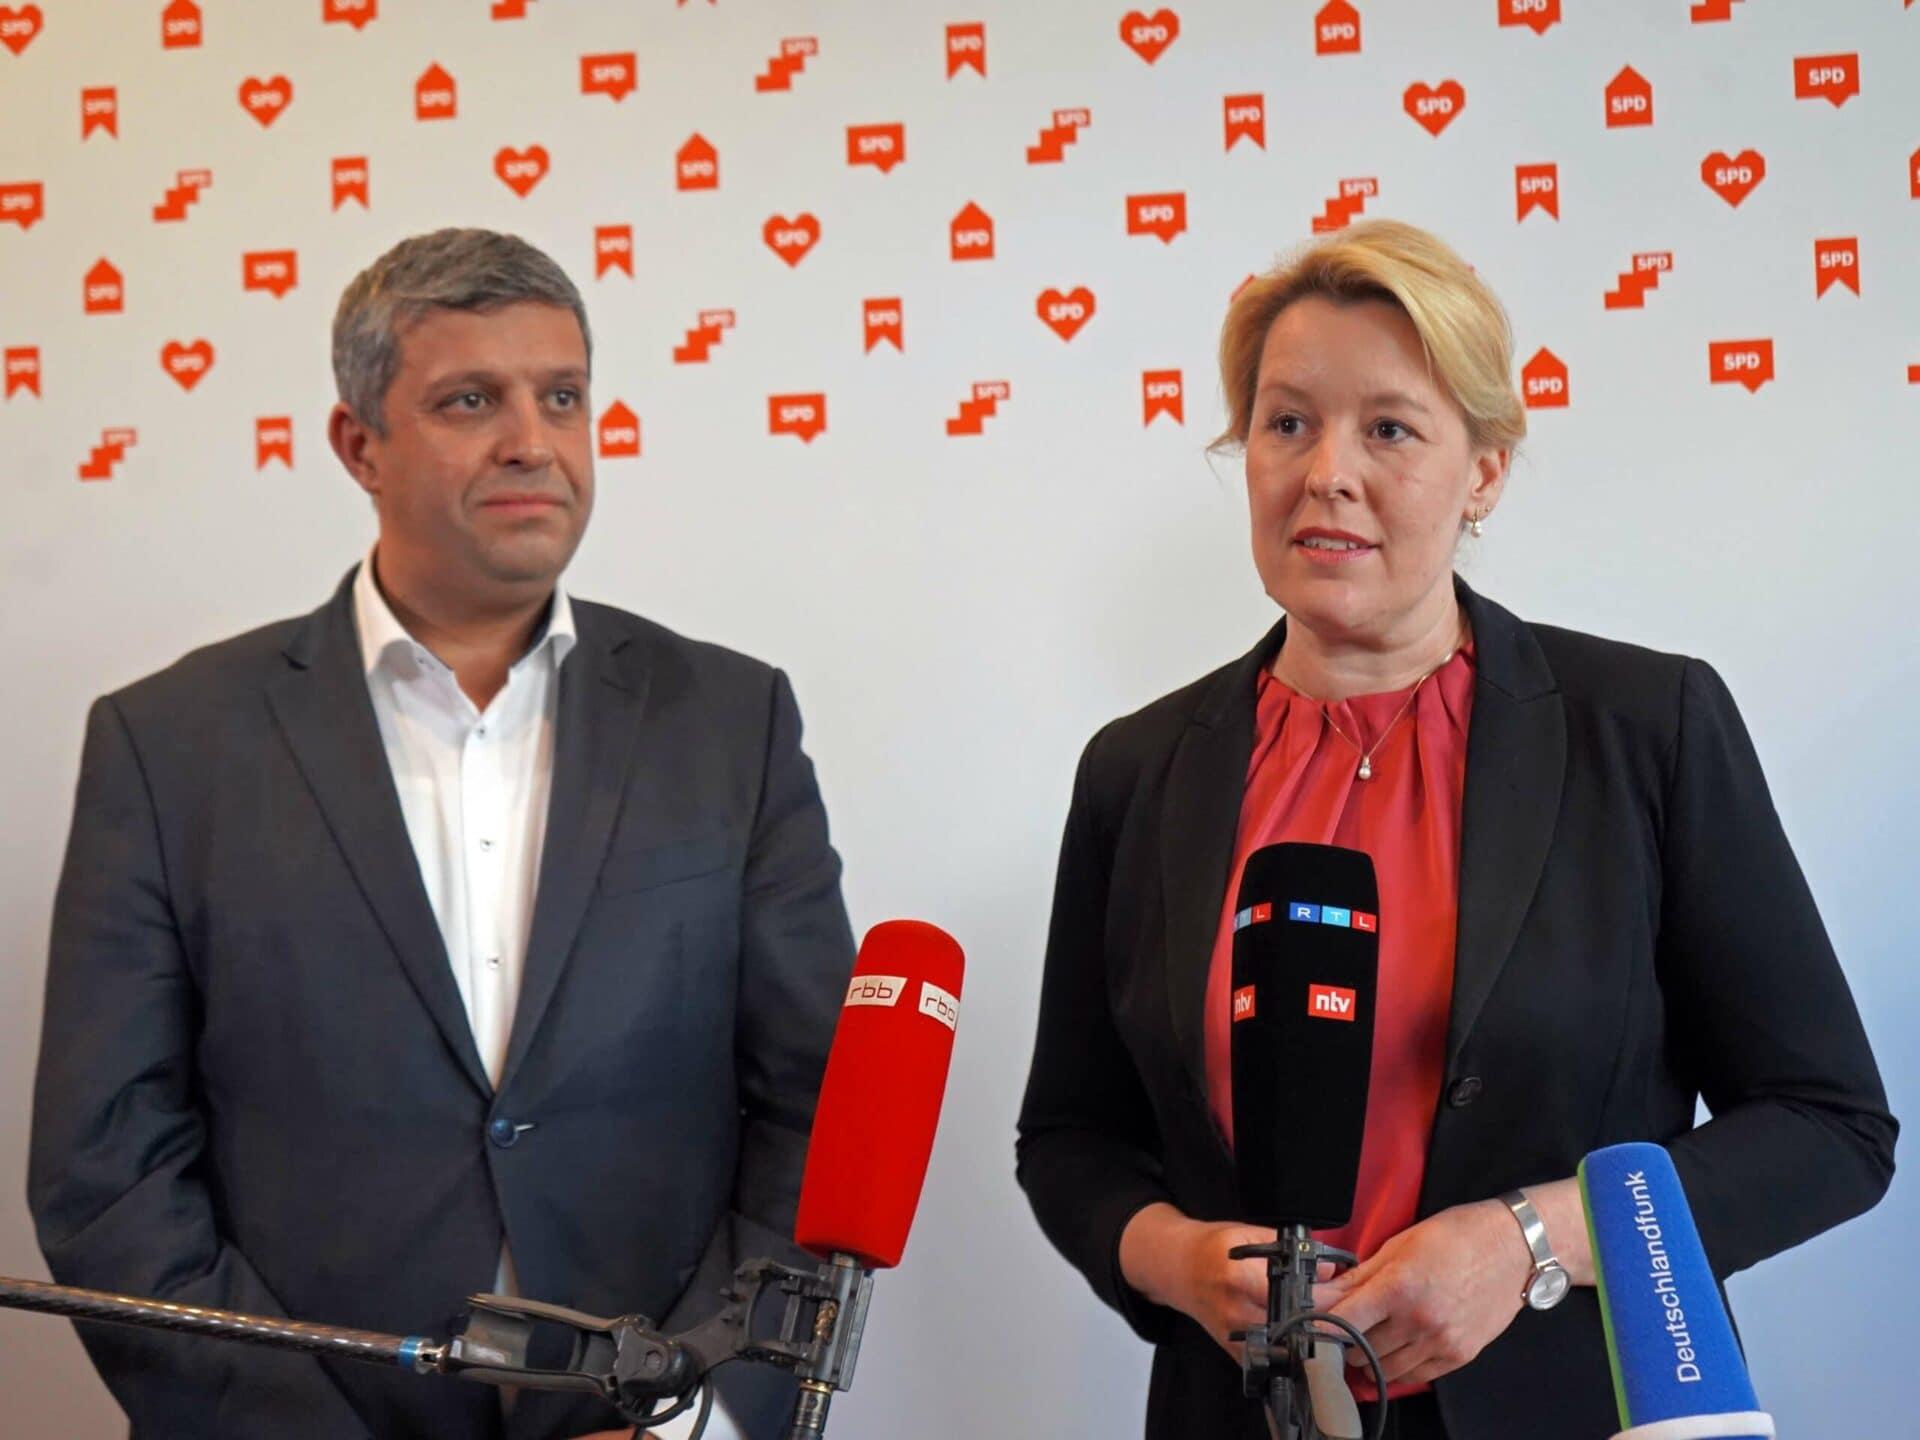 Franziska Giffey und Raed Saleh beim Pressestatement zum Stand der Sondierungen